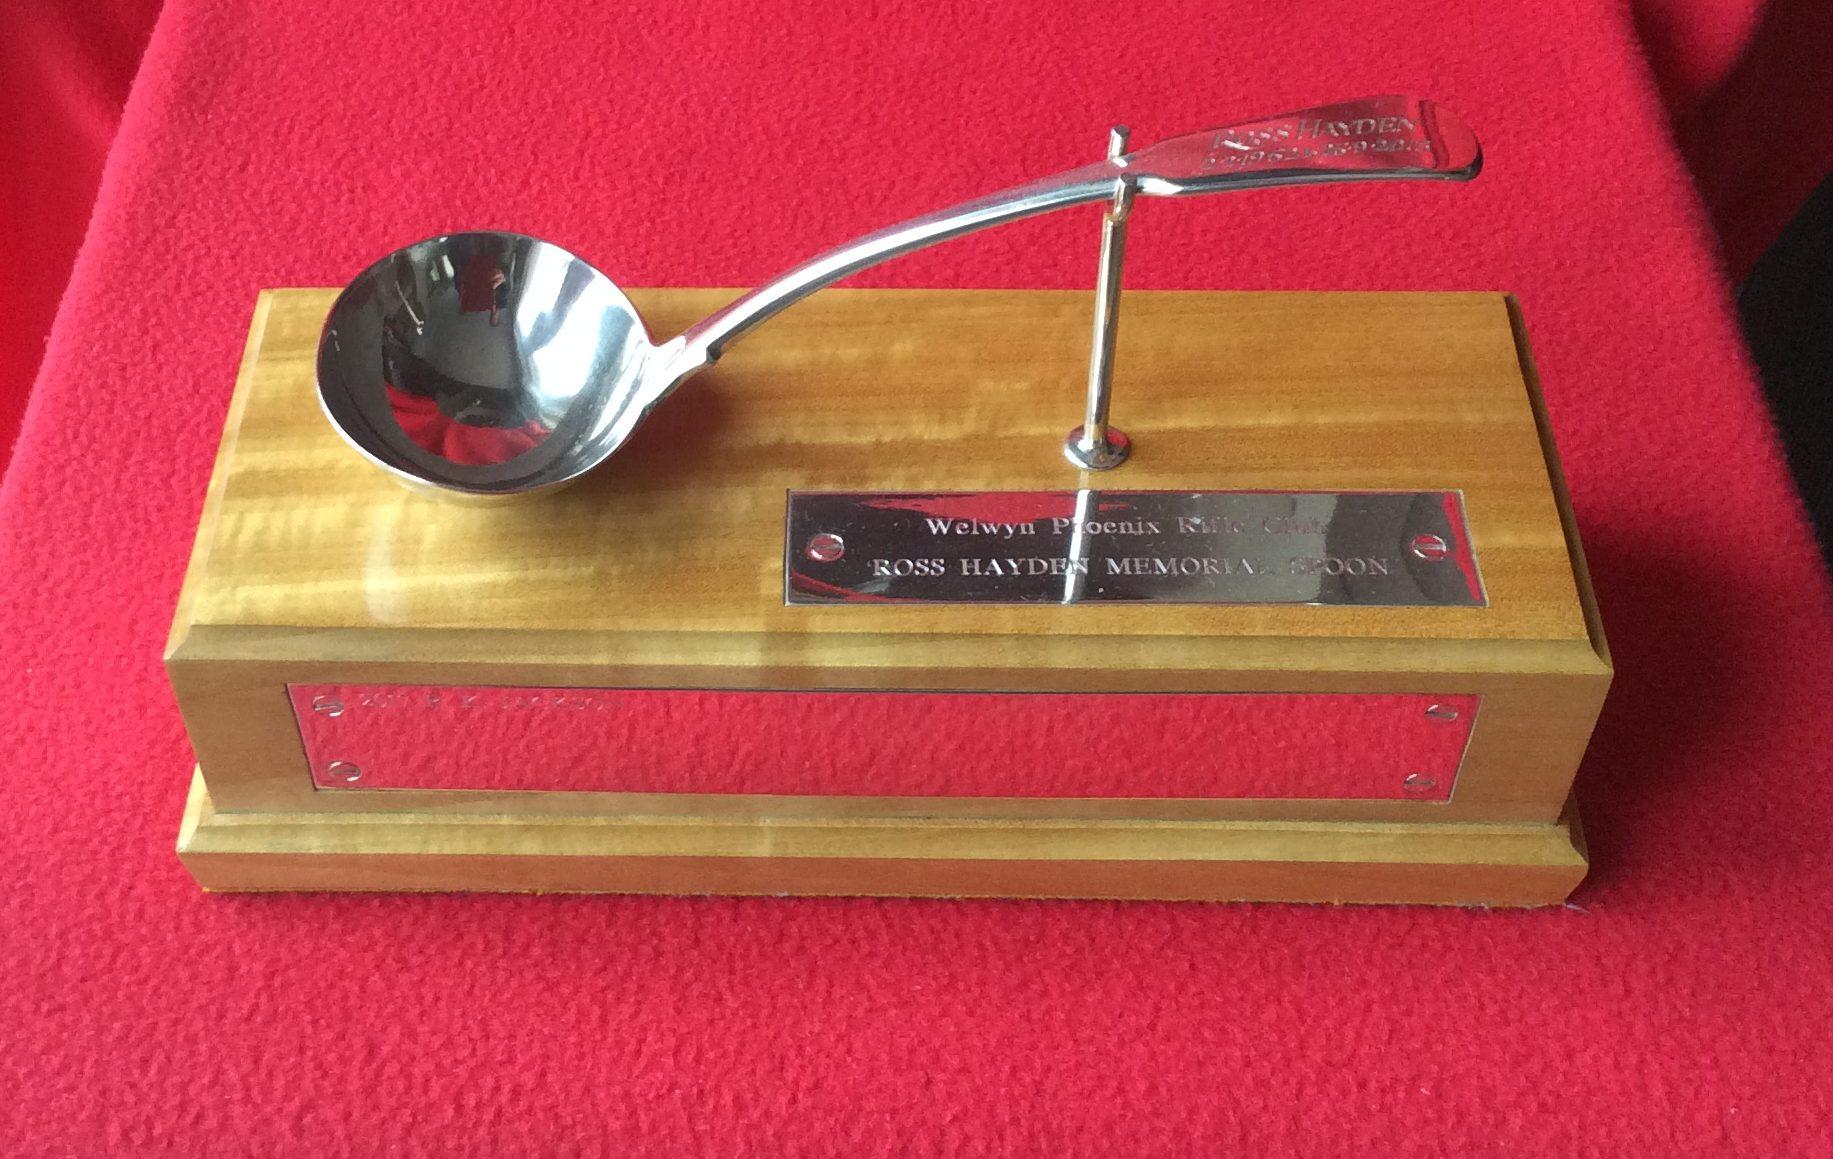 Ross Hayden Memorial Spoon